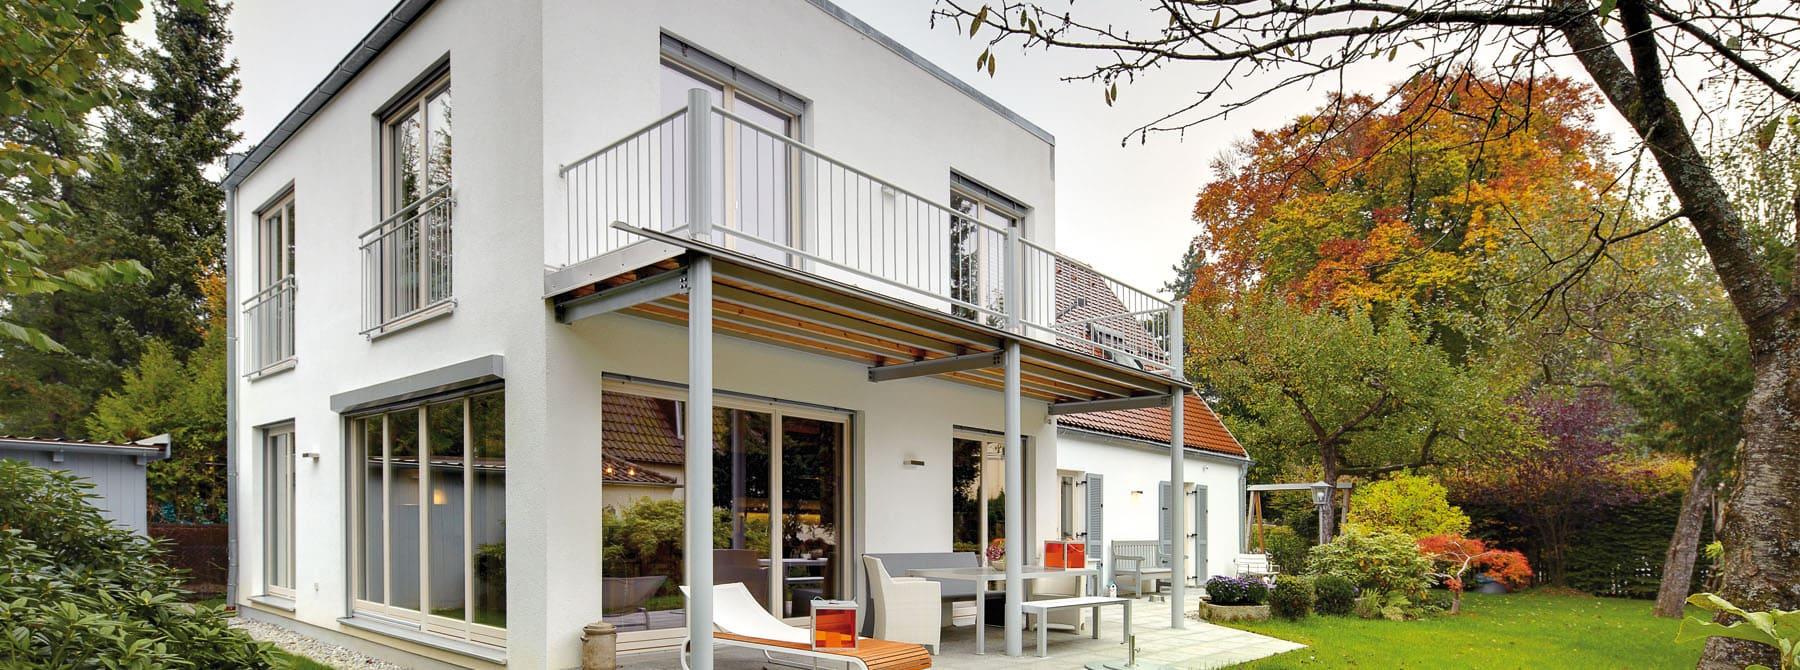 ^ Moderne energieeffiziente Holzhäuser aus Bayern - Sonnleitner.de ...